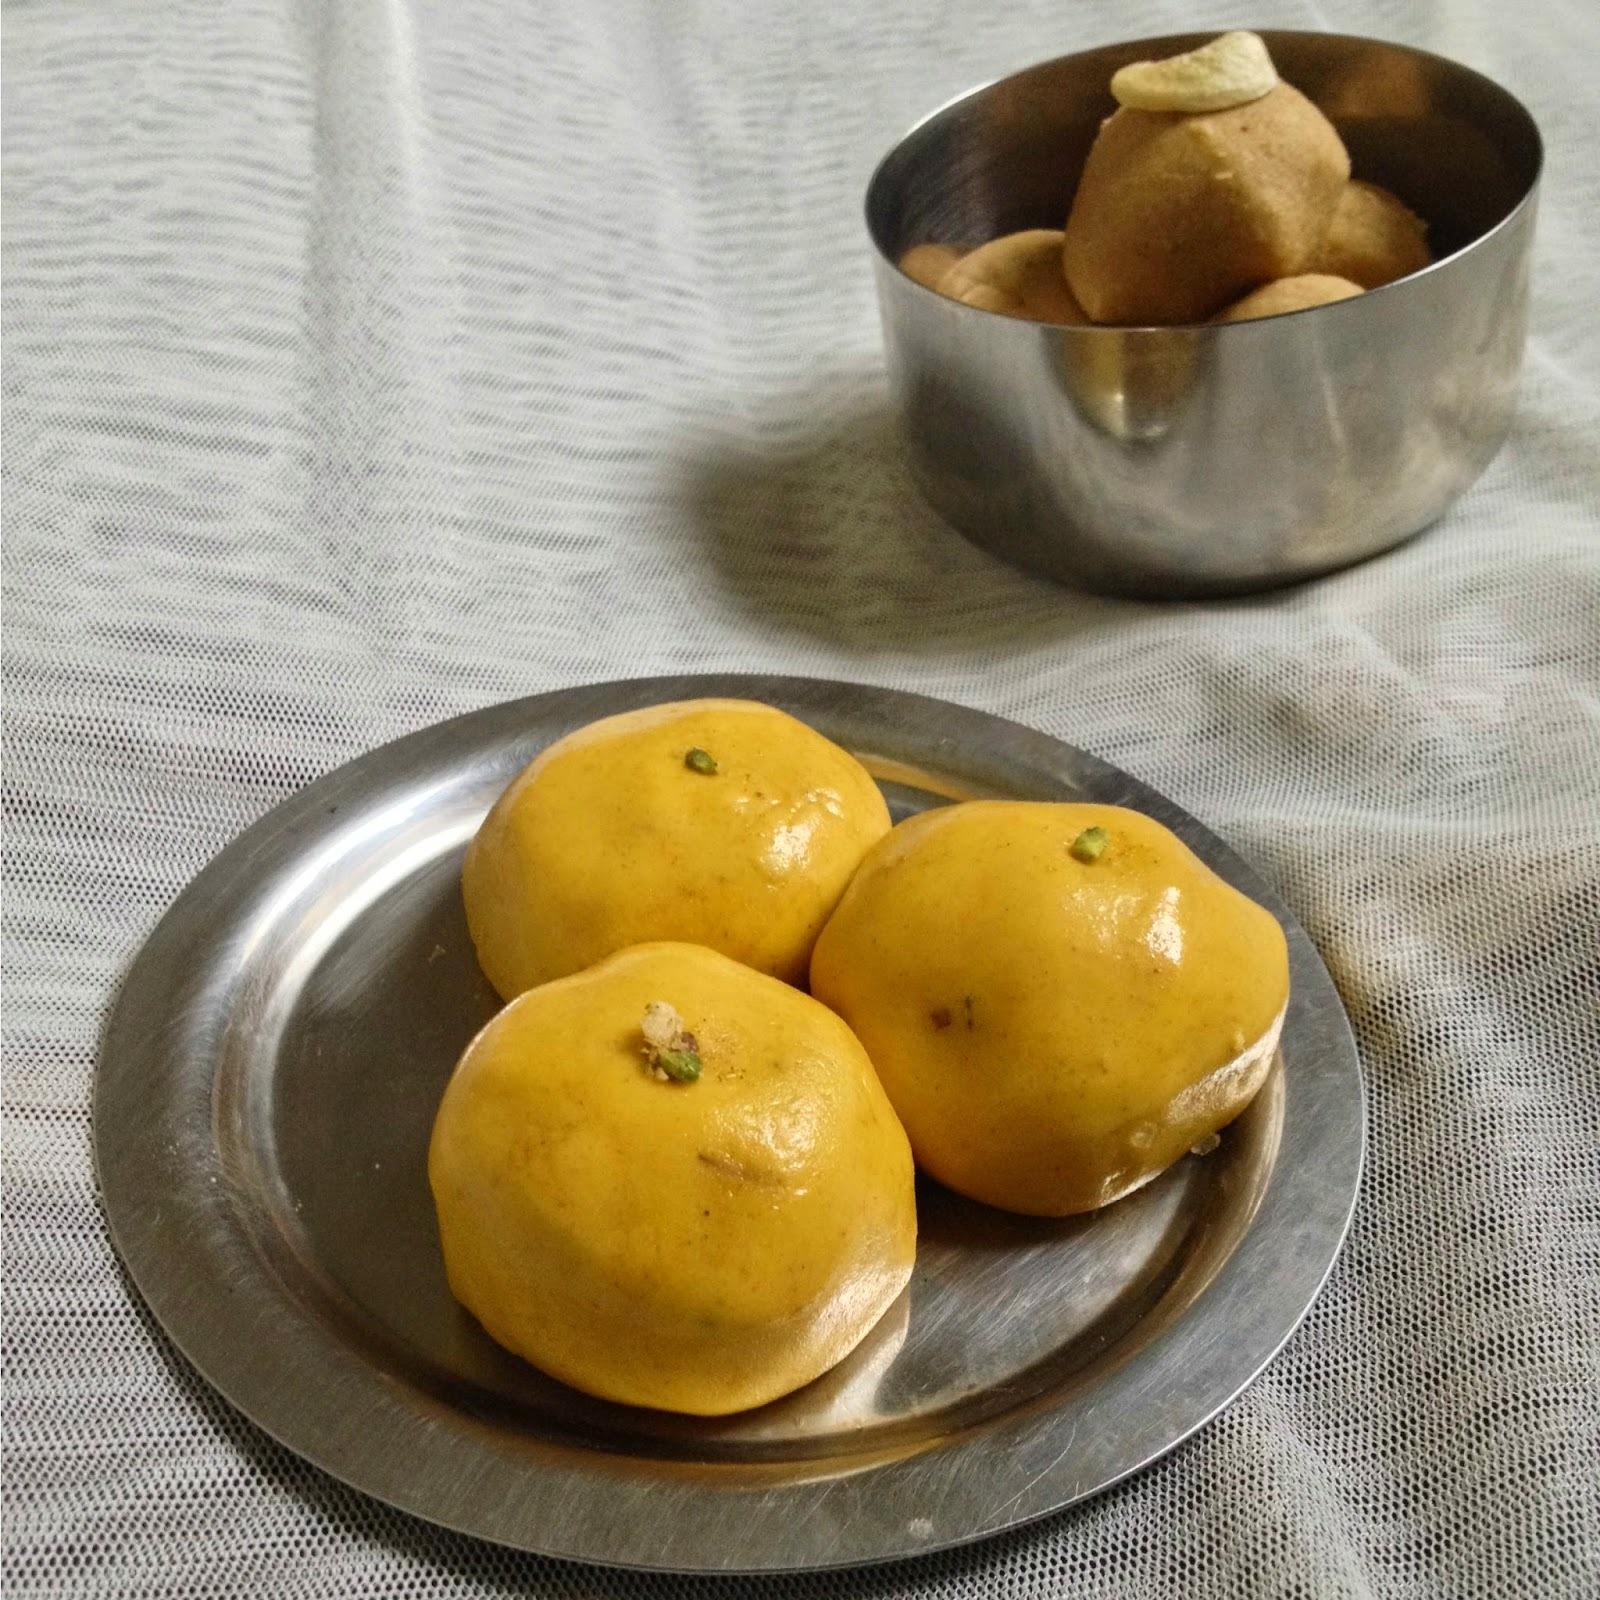 Besan laddo recipe,besan laddu,how to make besan ladoo/laddu,kadalai maavu ladoo